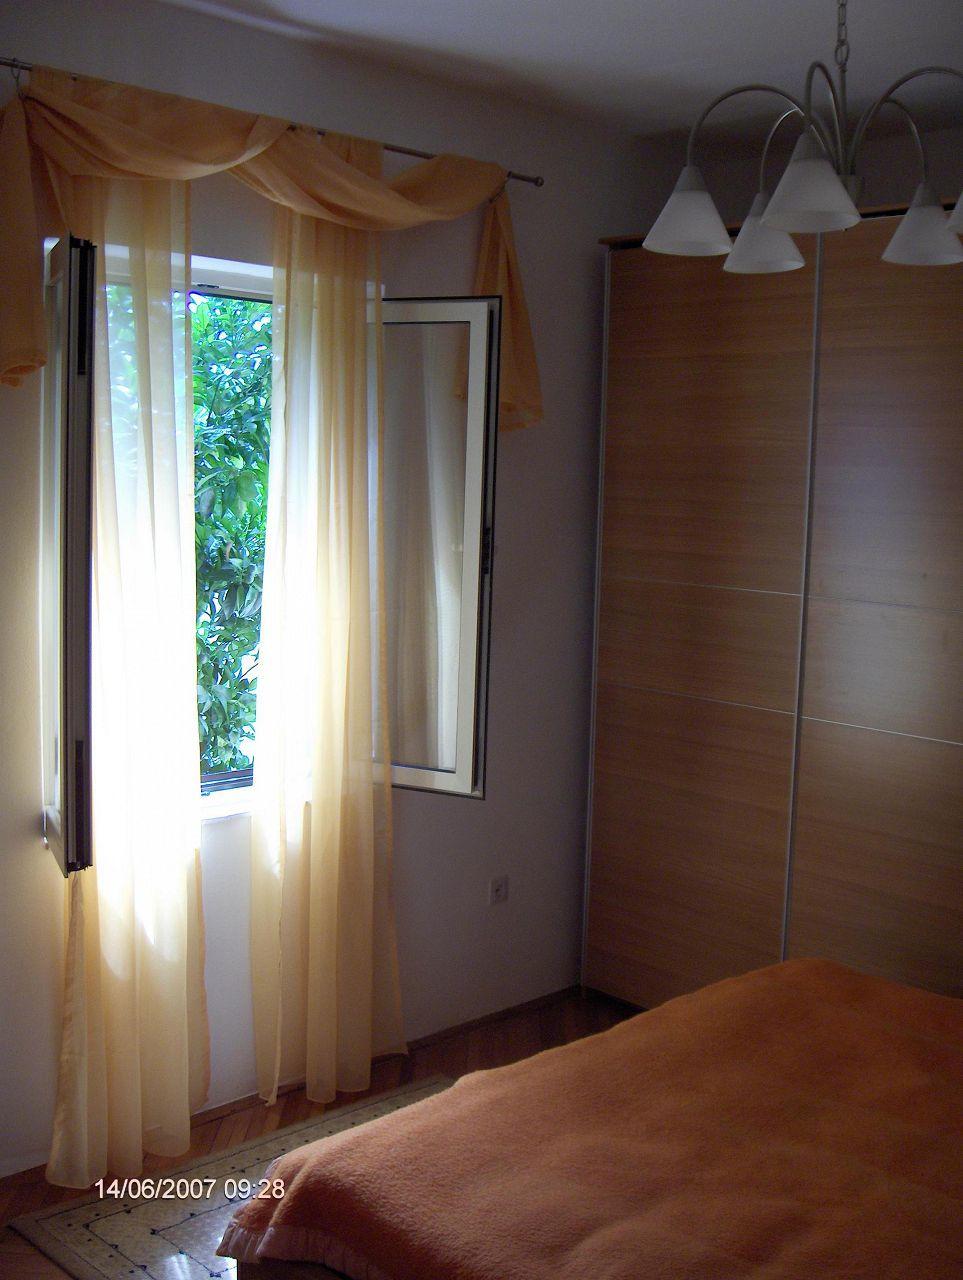 0203VRBO - Vrboska - Appartementen Kroatië - R1(2): slaapkamer